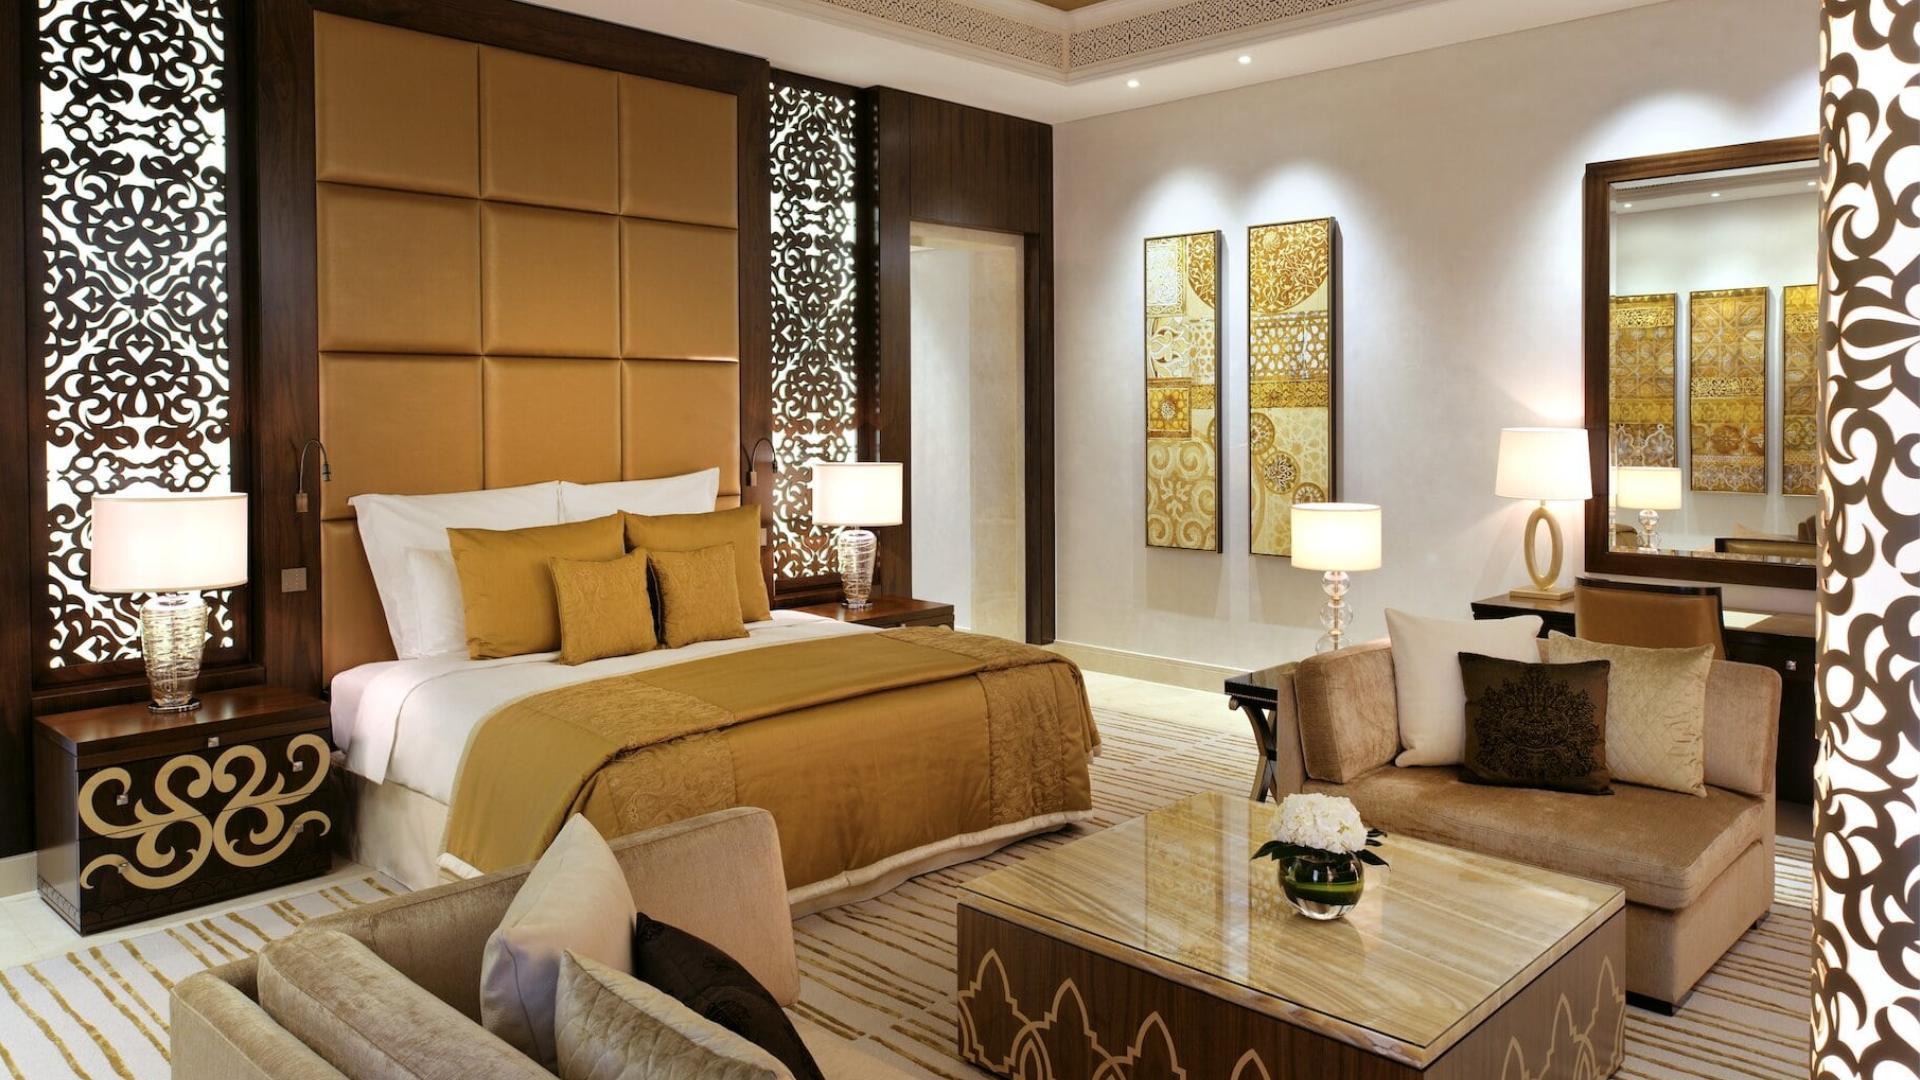 Villa en venta en Dubai, EAU, 4 dormitorios, 403 m2, № 24304 – foto 3